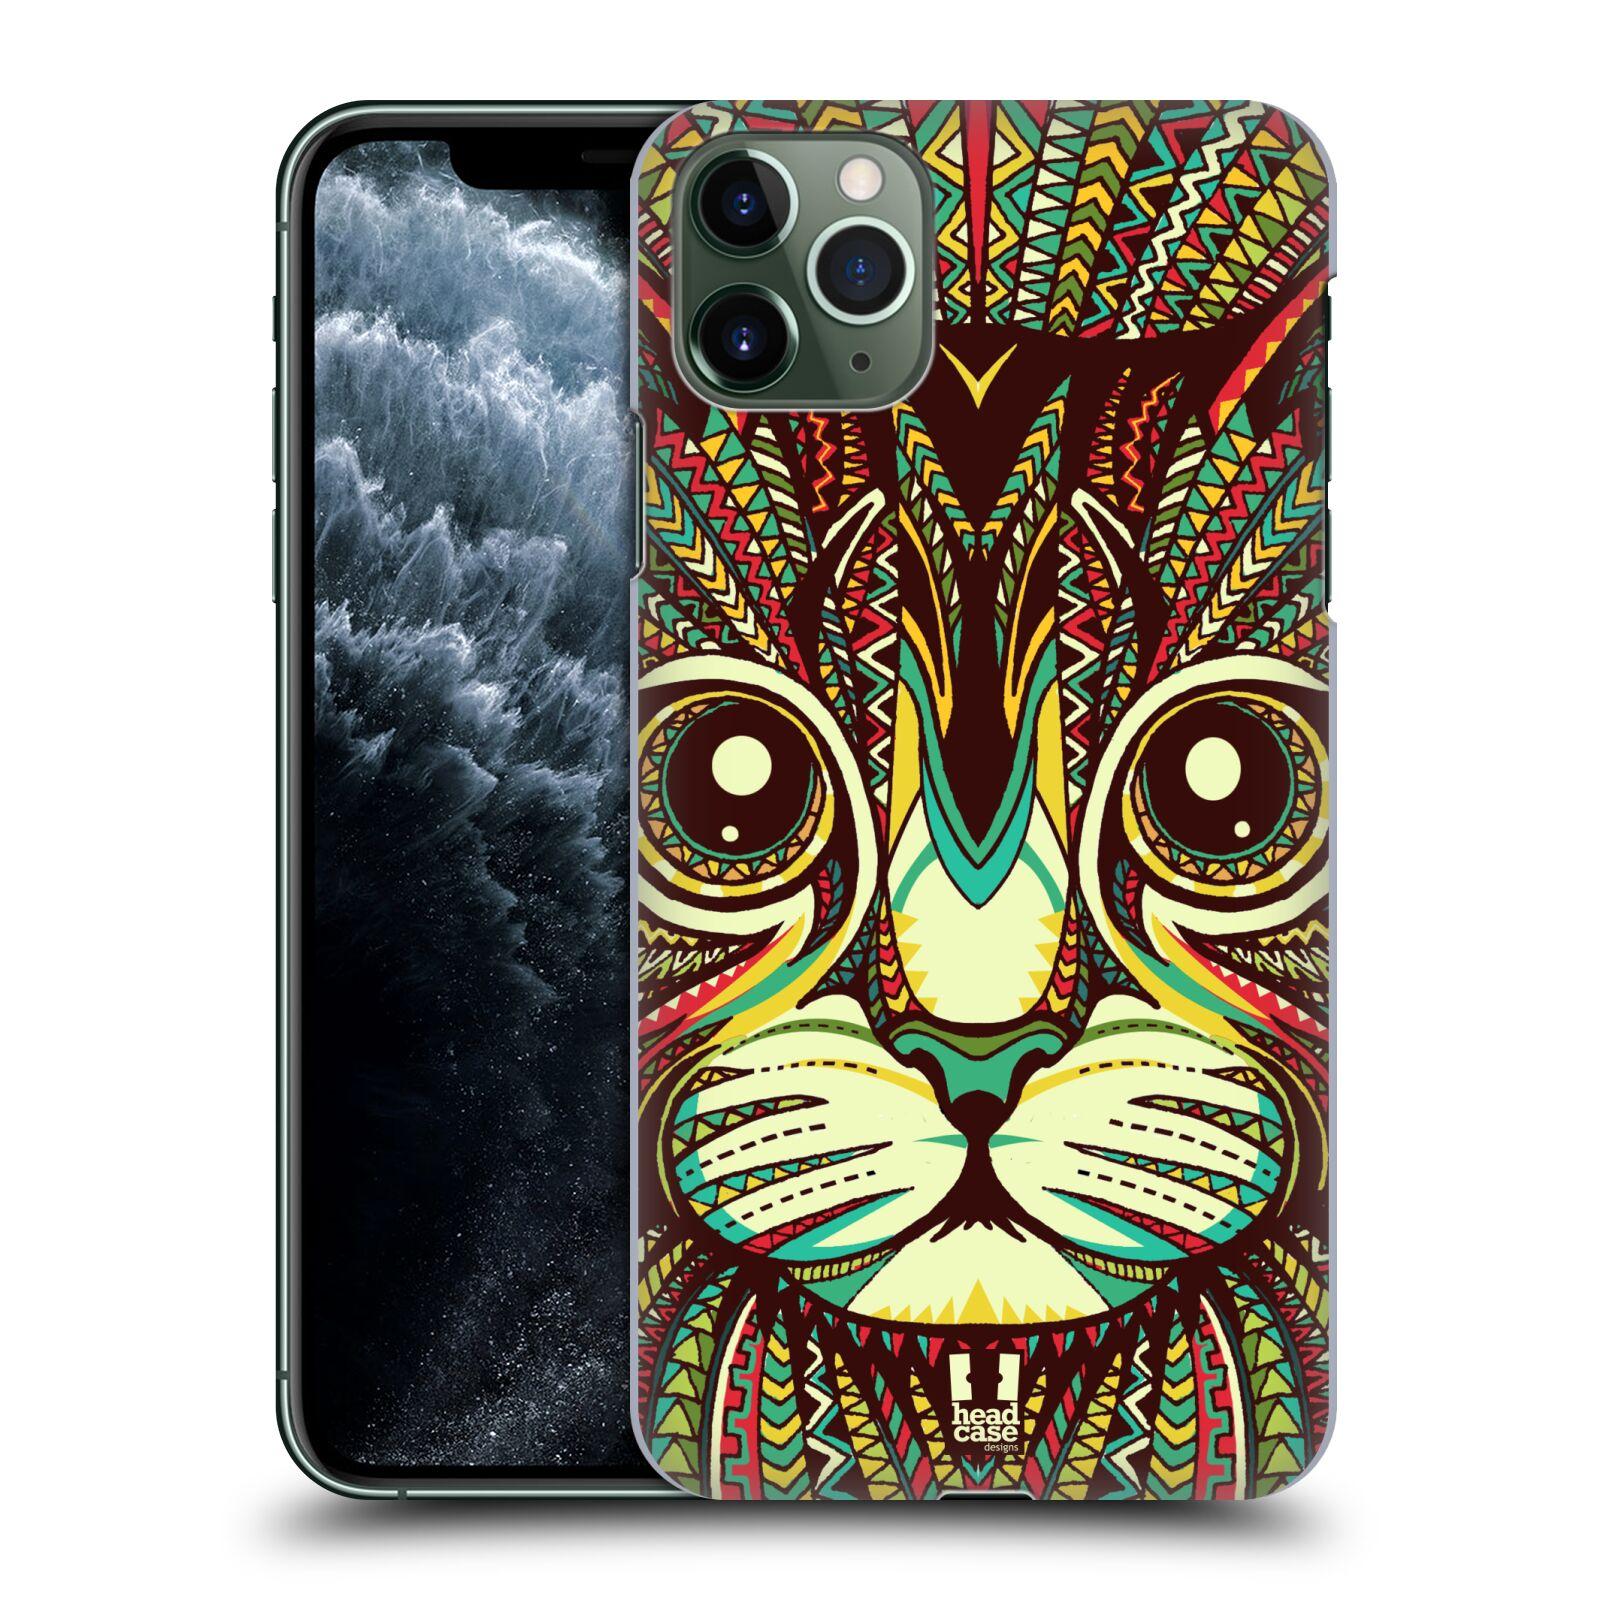 Pouzdro na mobil Apple Iphone 11 PRO MAX - HEAD CASE - vzor Aztécký motiv zvíře 2 kotě